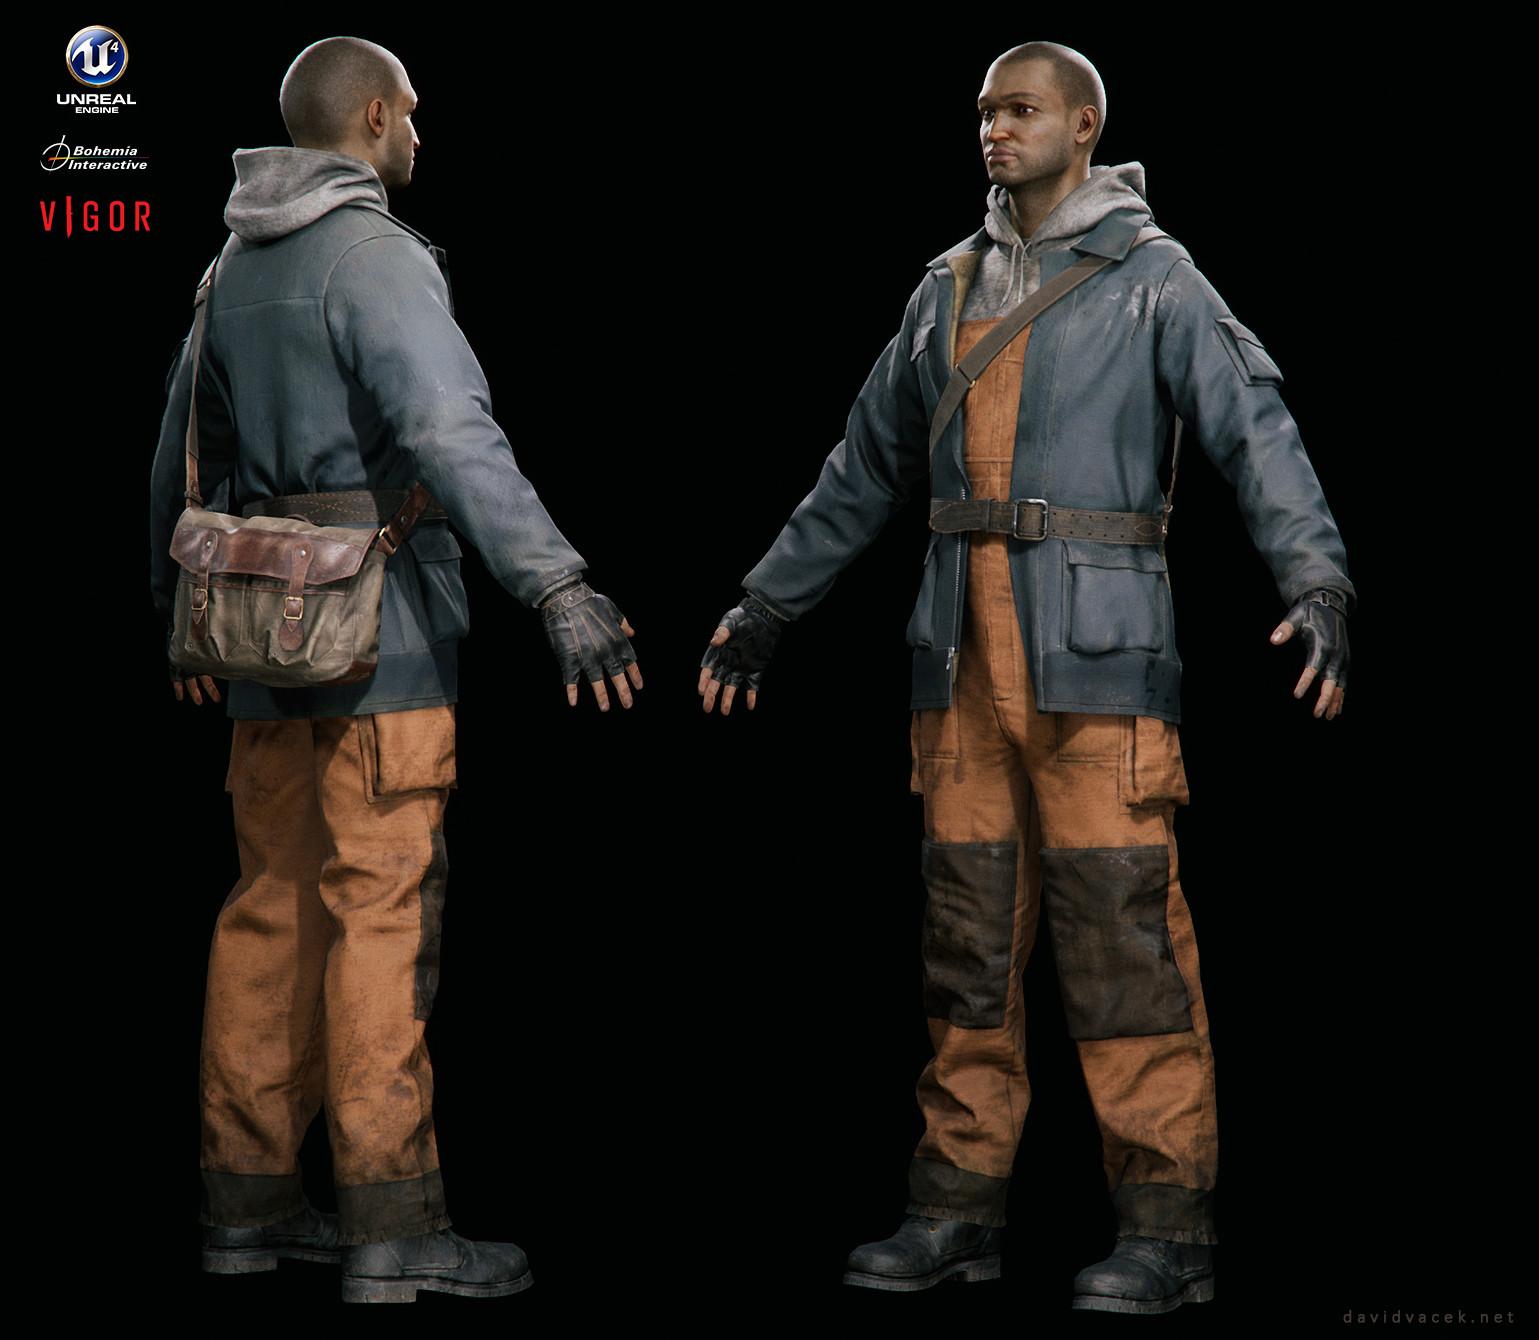 ArtStation - Vigor - Worker uniform, David Vacek